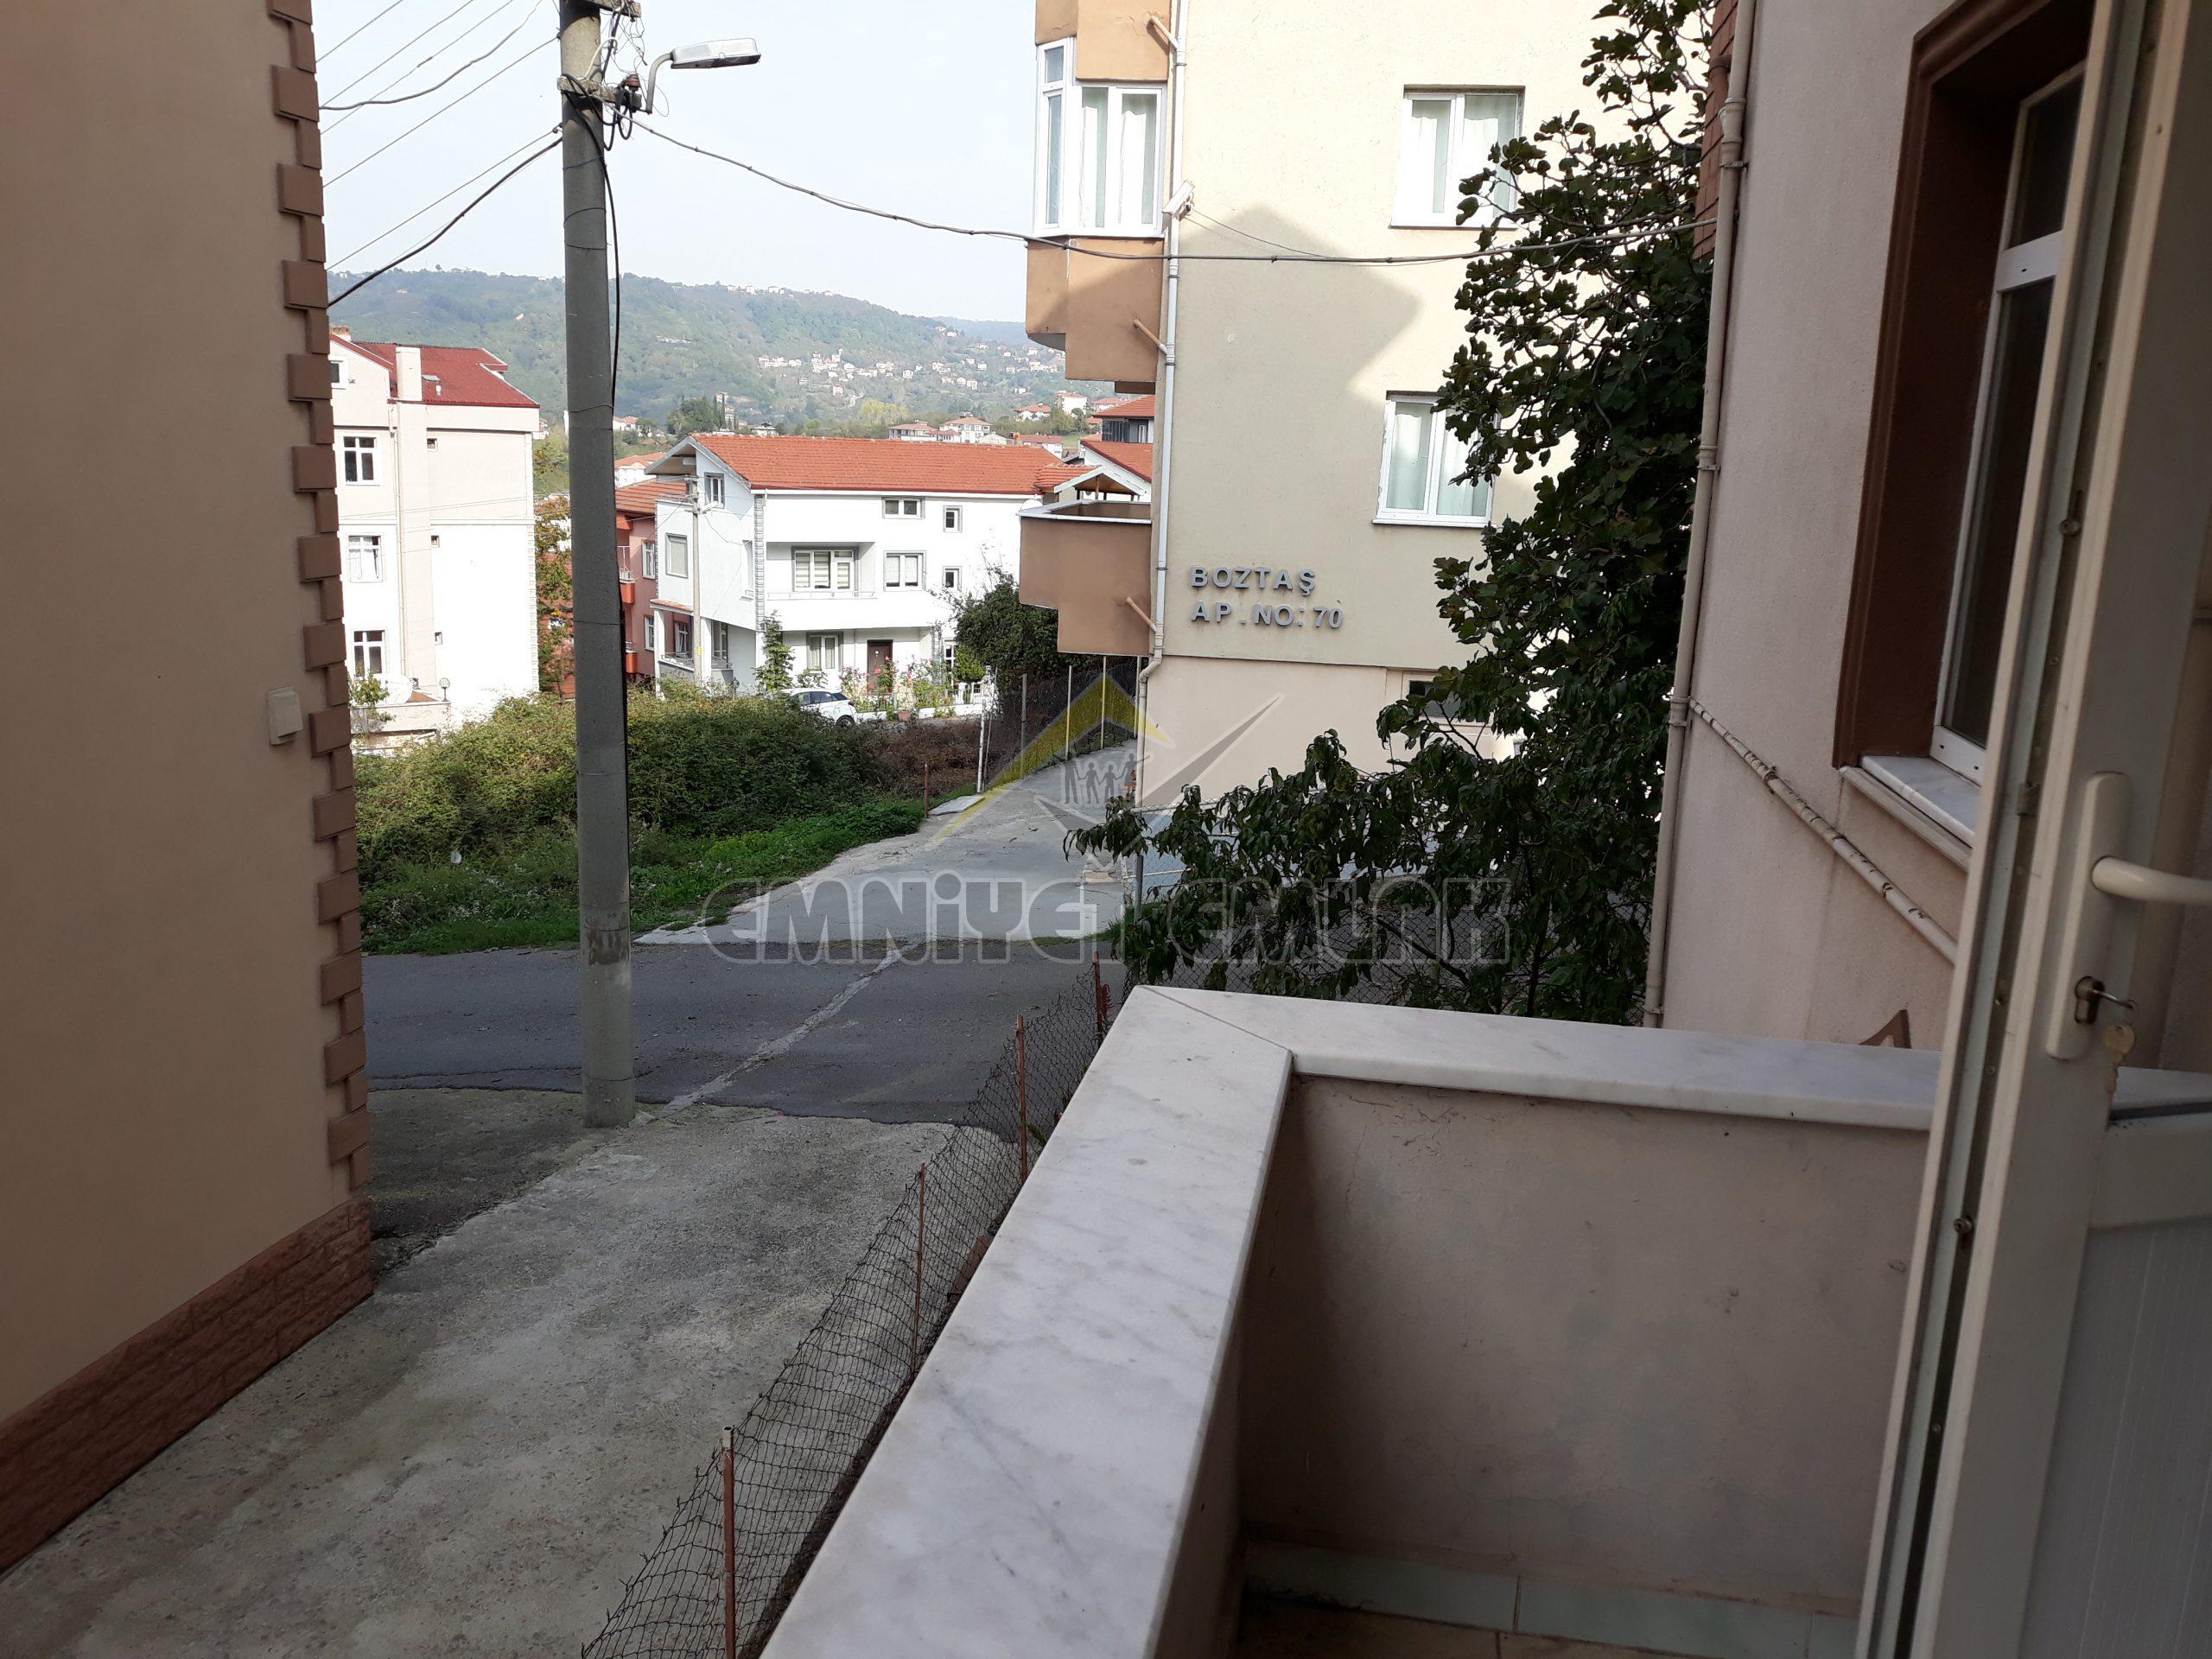 KEPEZ MAHALLESİ kayalık sokakta KİRALIK 2+1  DAİRE